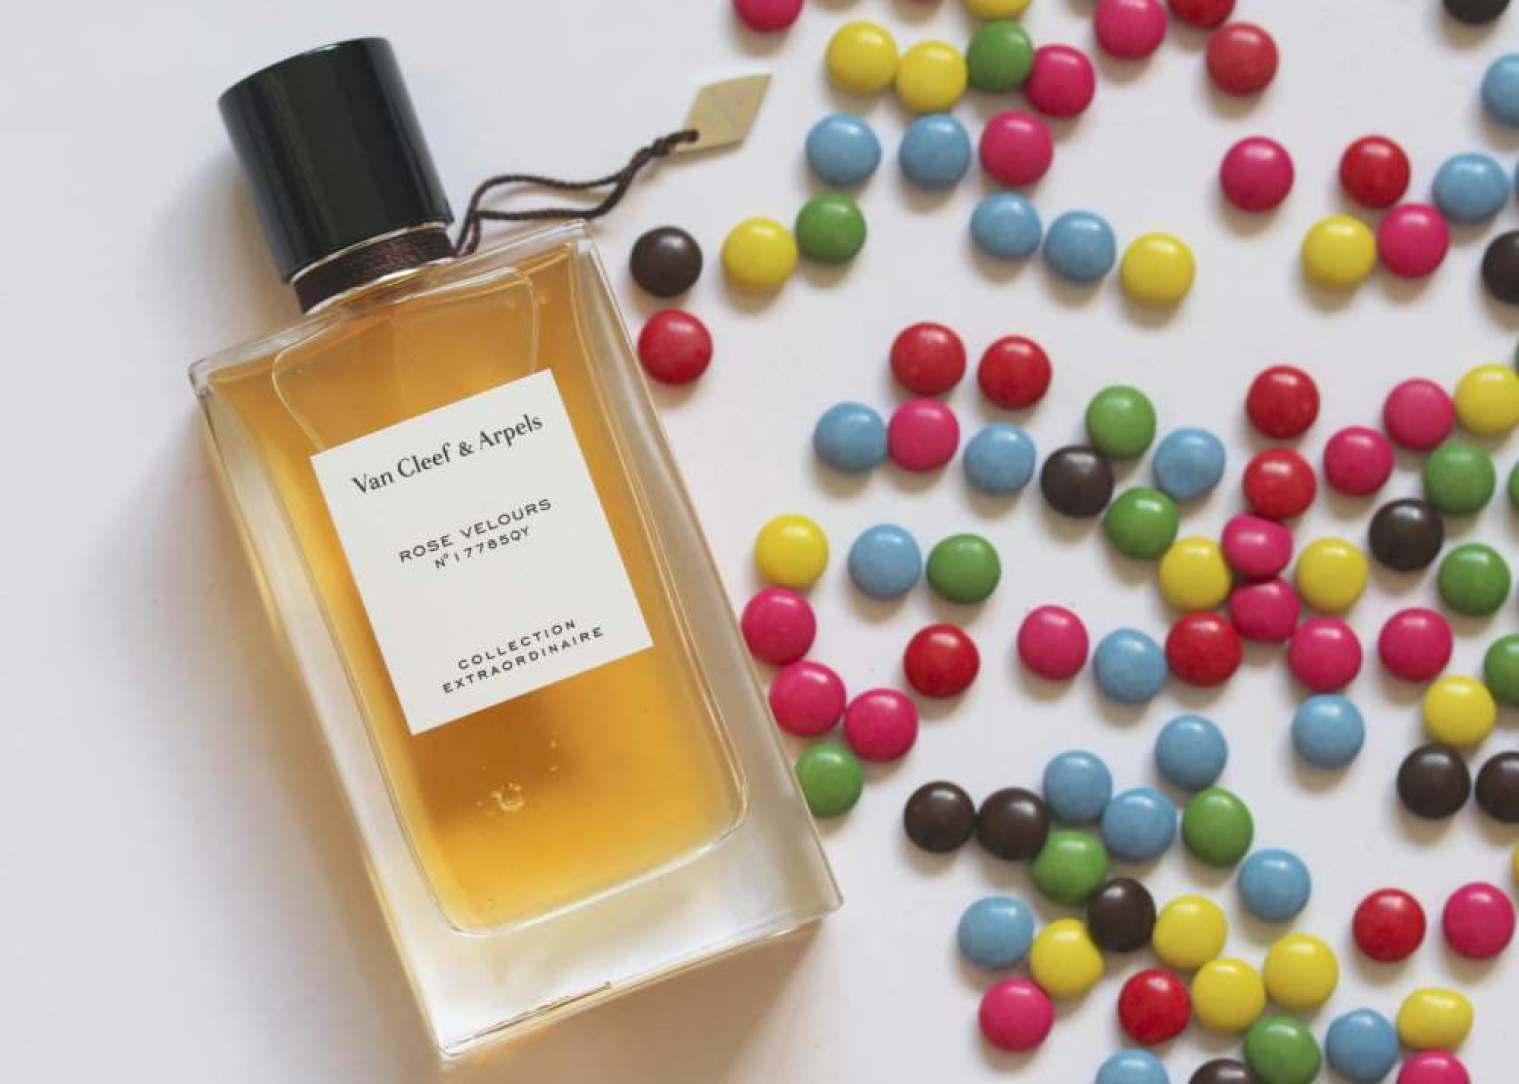 van cleef and arpels rose velours perfume